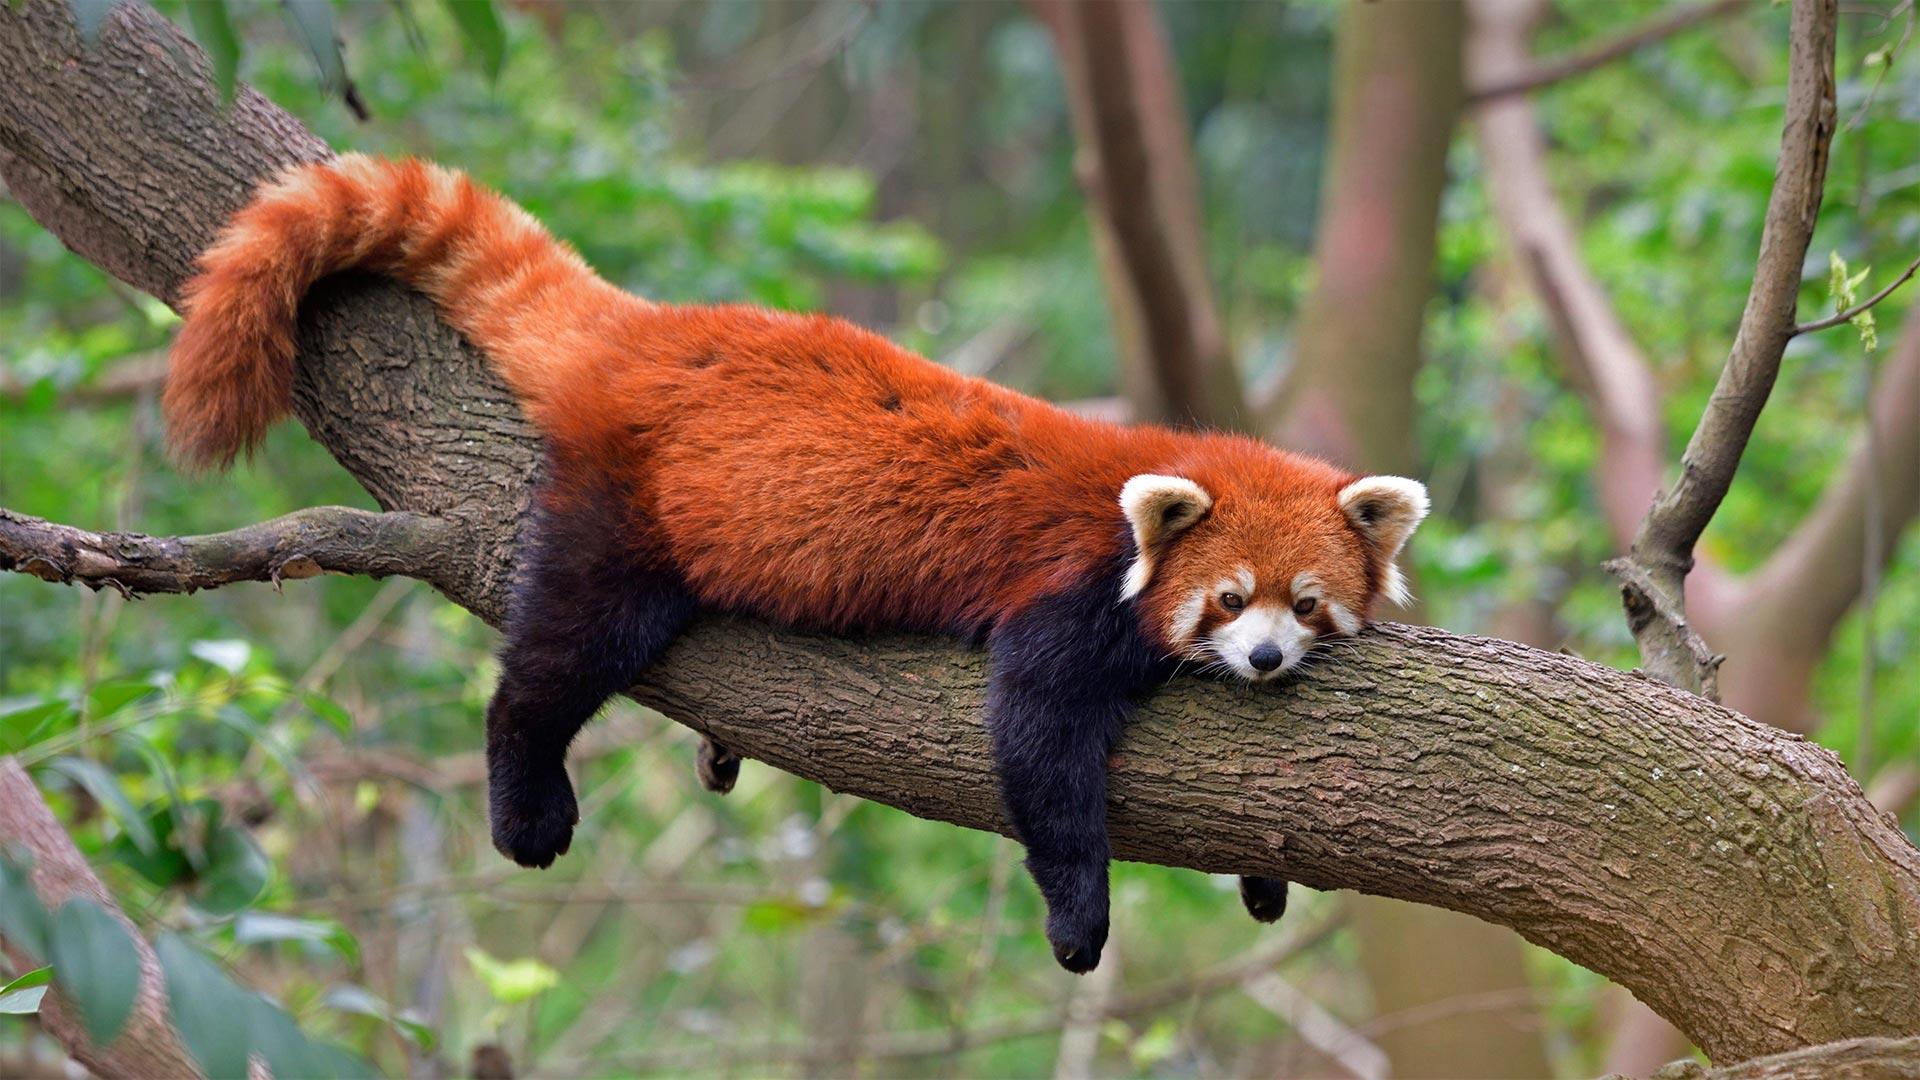 四川成都熊猫基地的小熊猫 (© Biosphoto/Alamy)